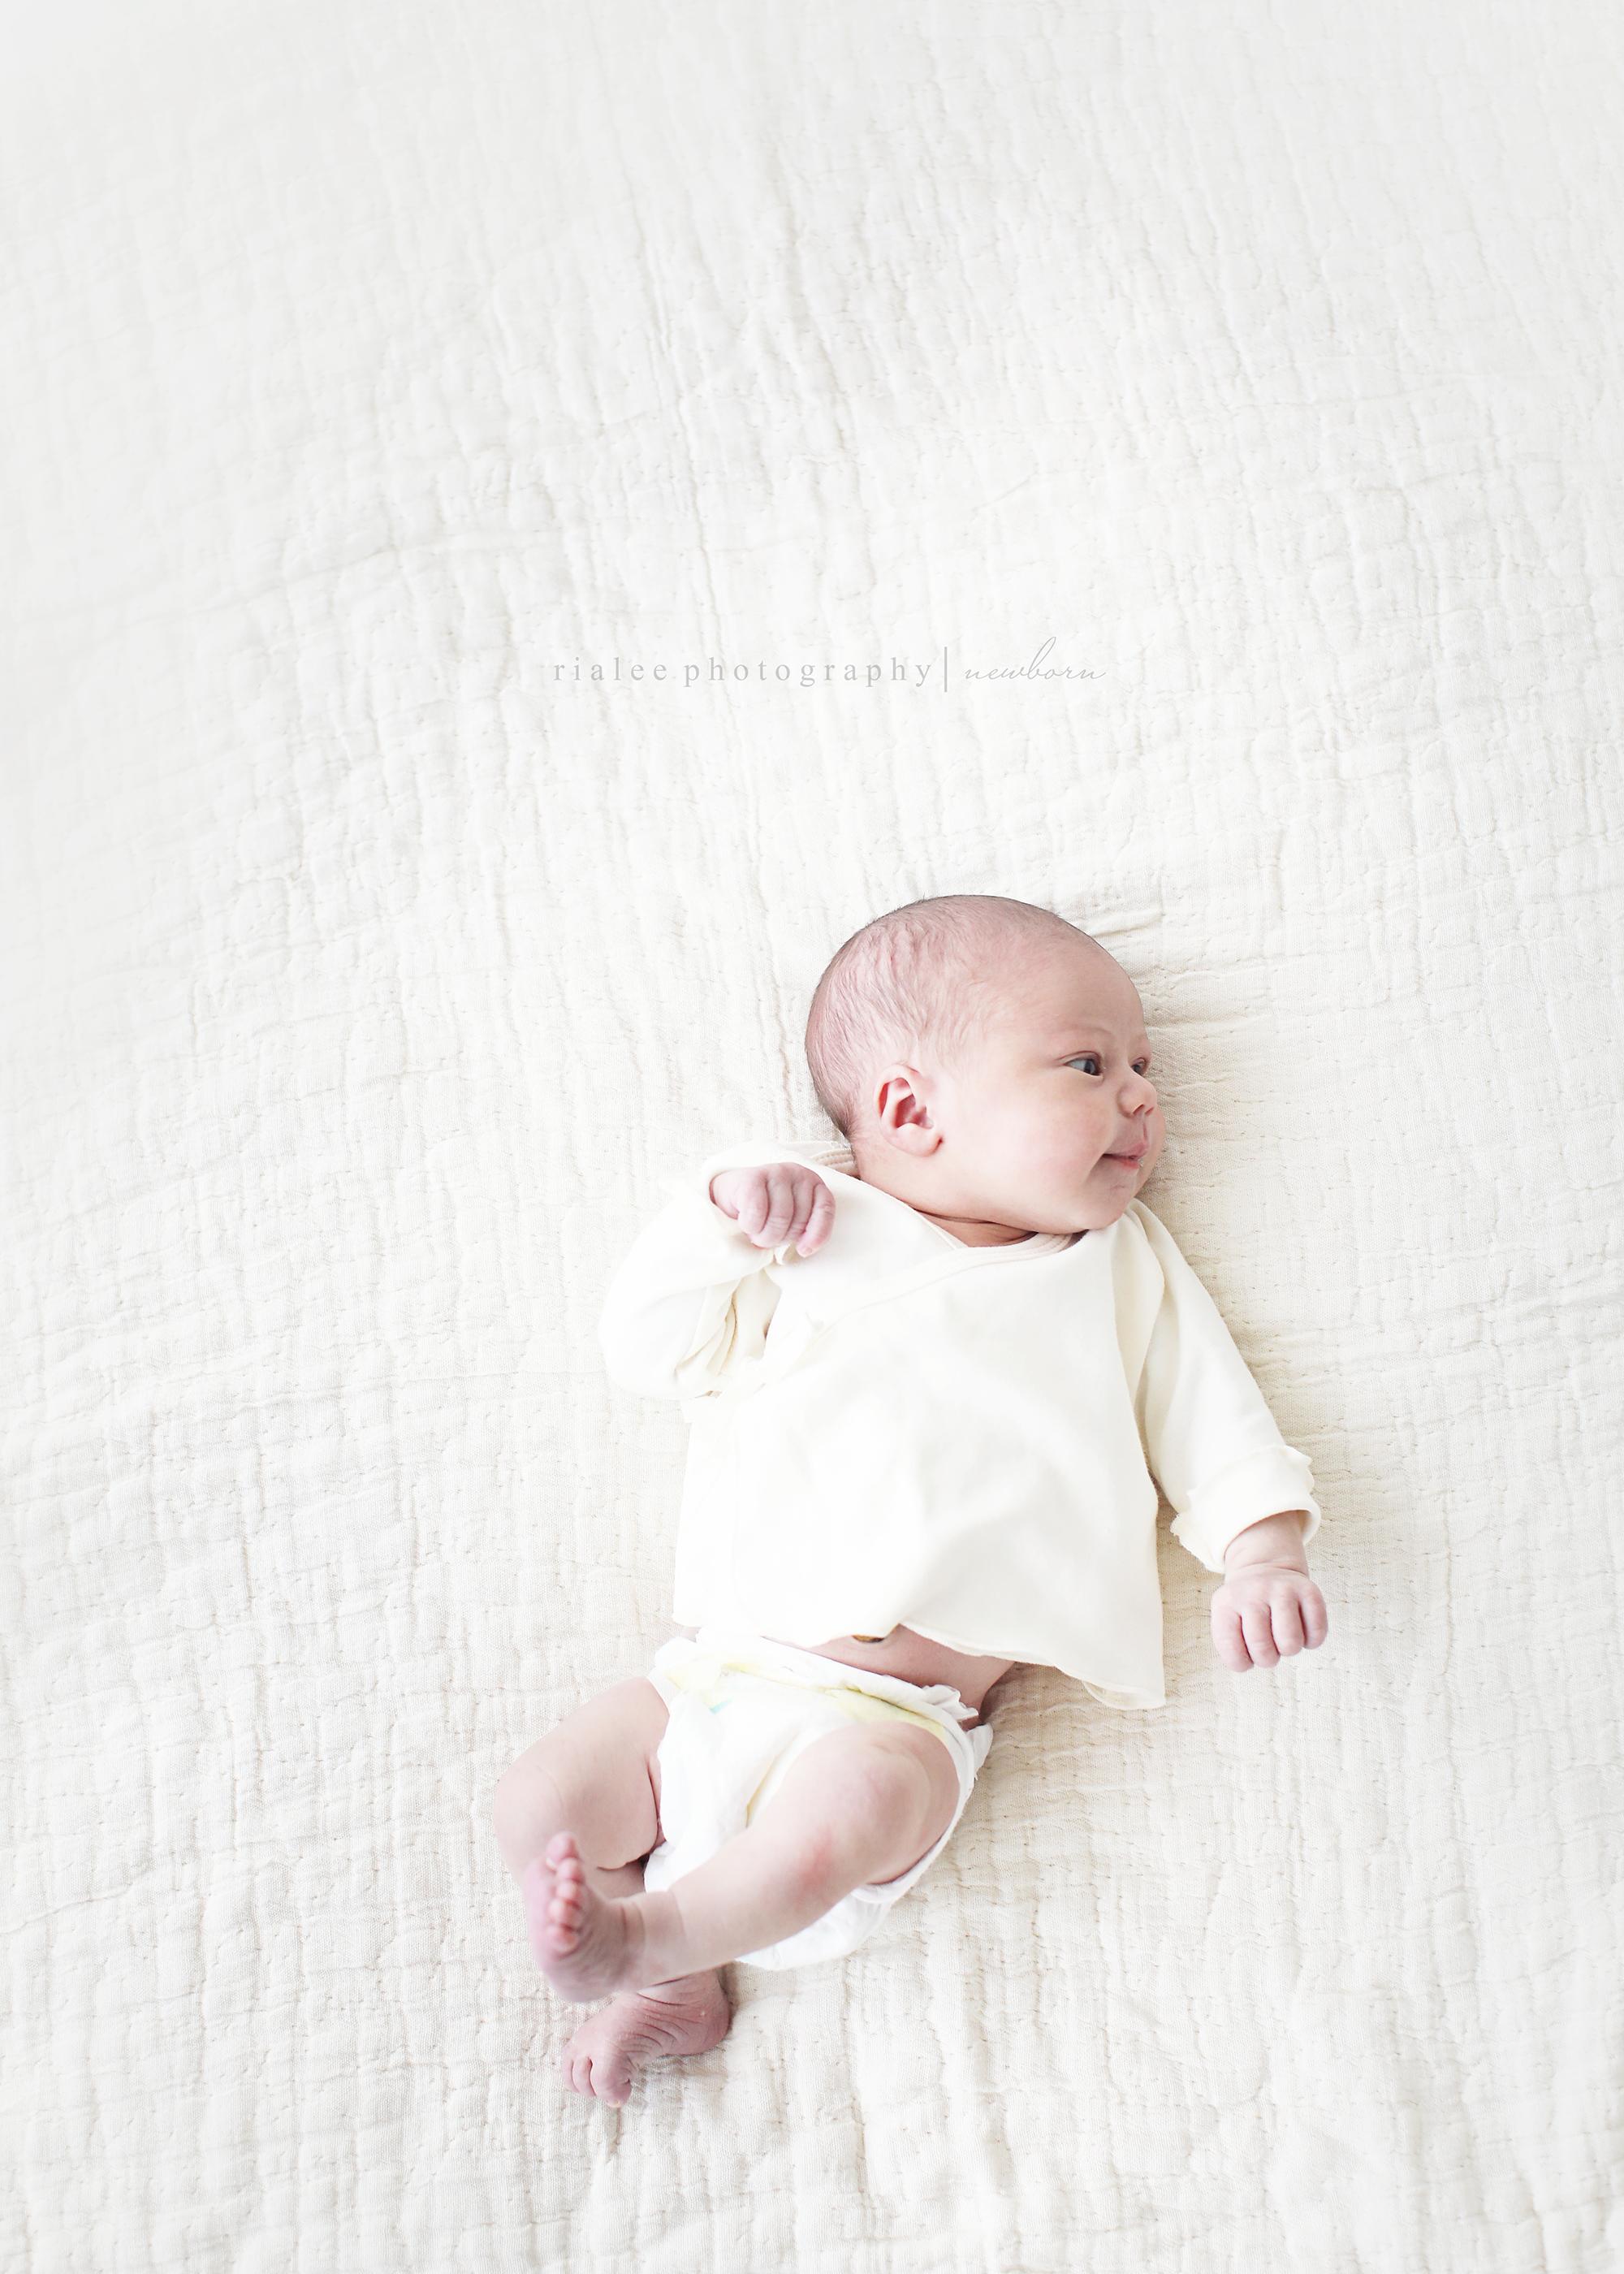 simplelifestylenewbornphotographerfargo.jpg